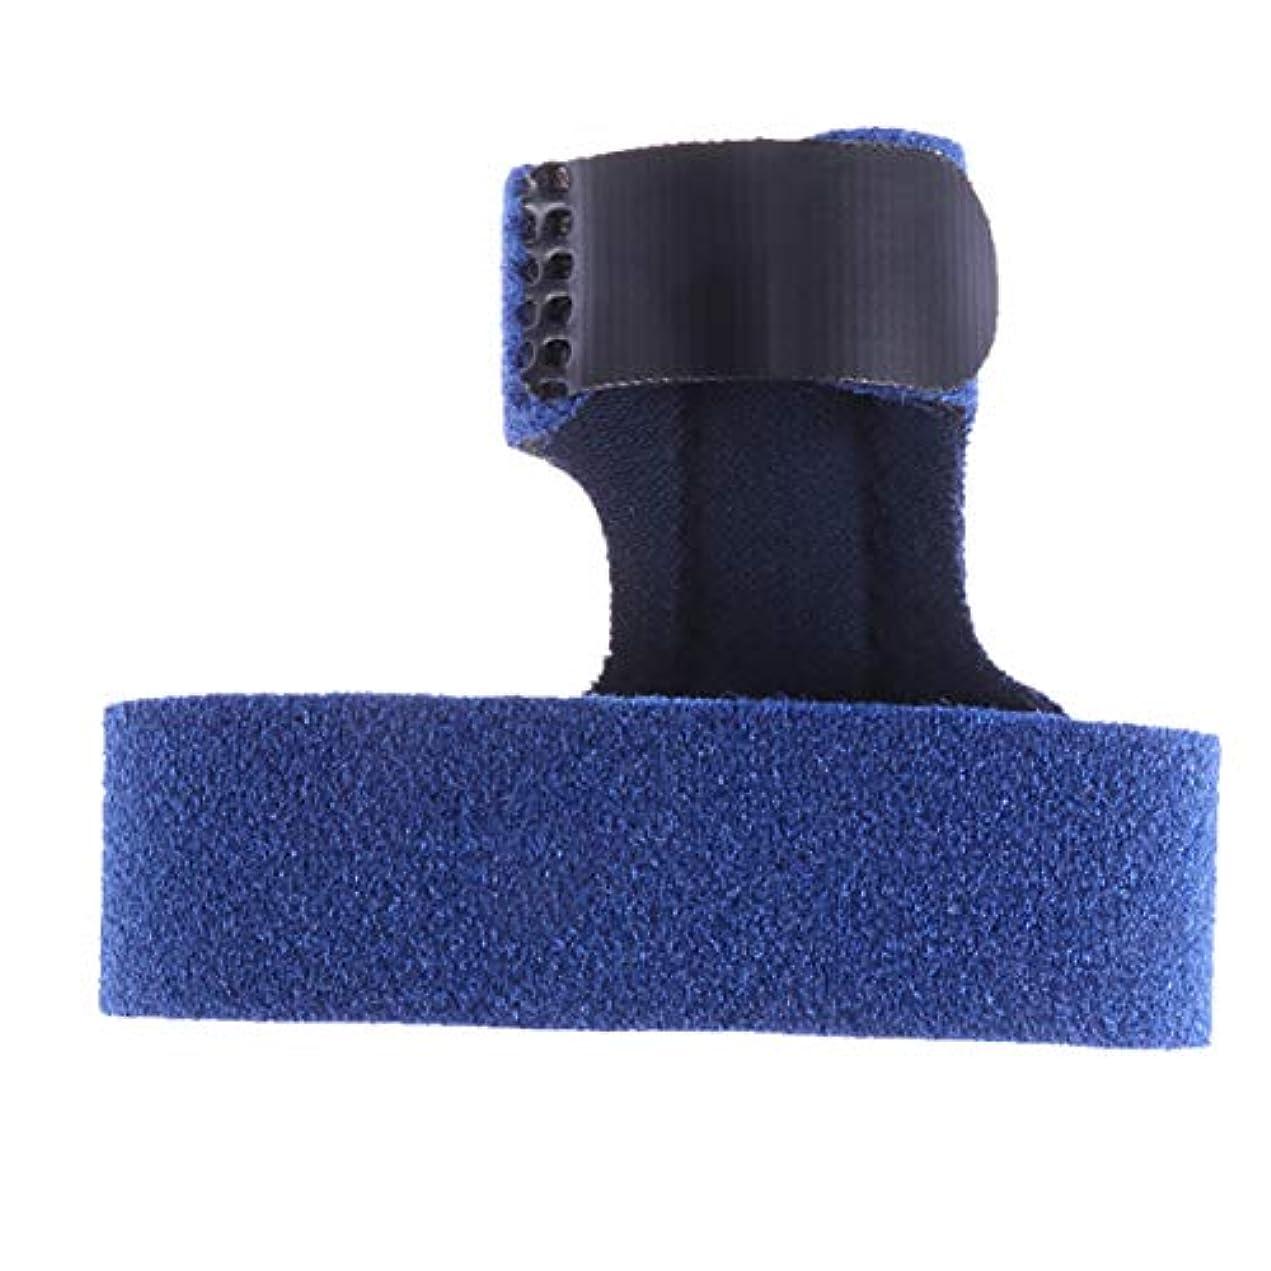 ブート樹皮群集SUPVOX フィンガーエクステンションスプリントサポートベルトブレースの痛み緩和のための男性女性フィンガープロテクター